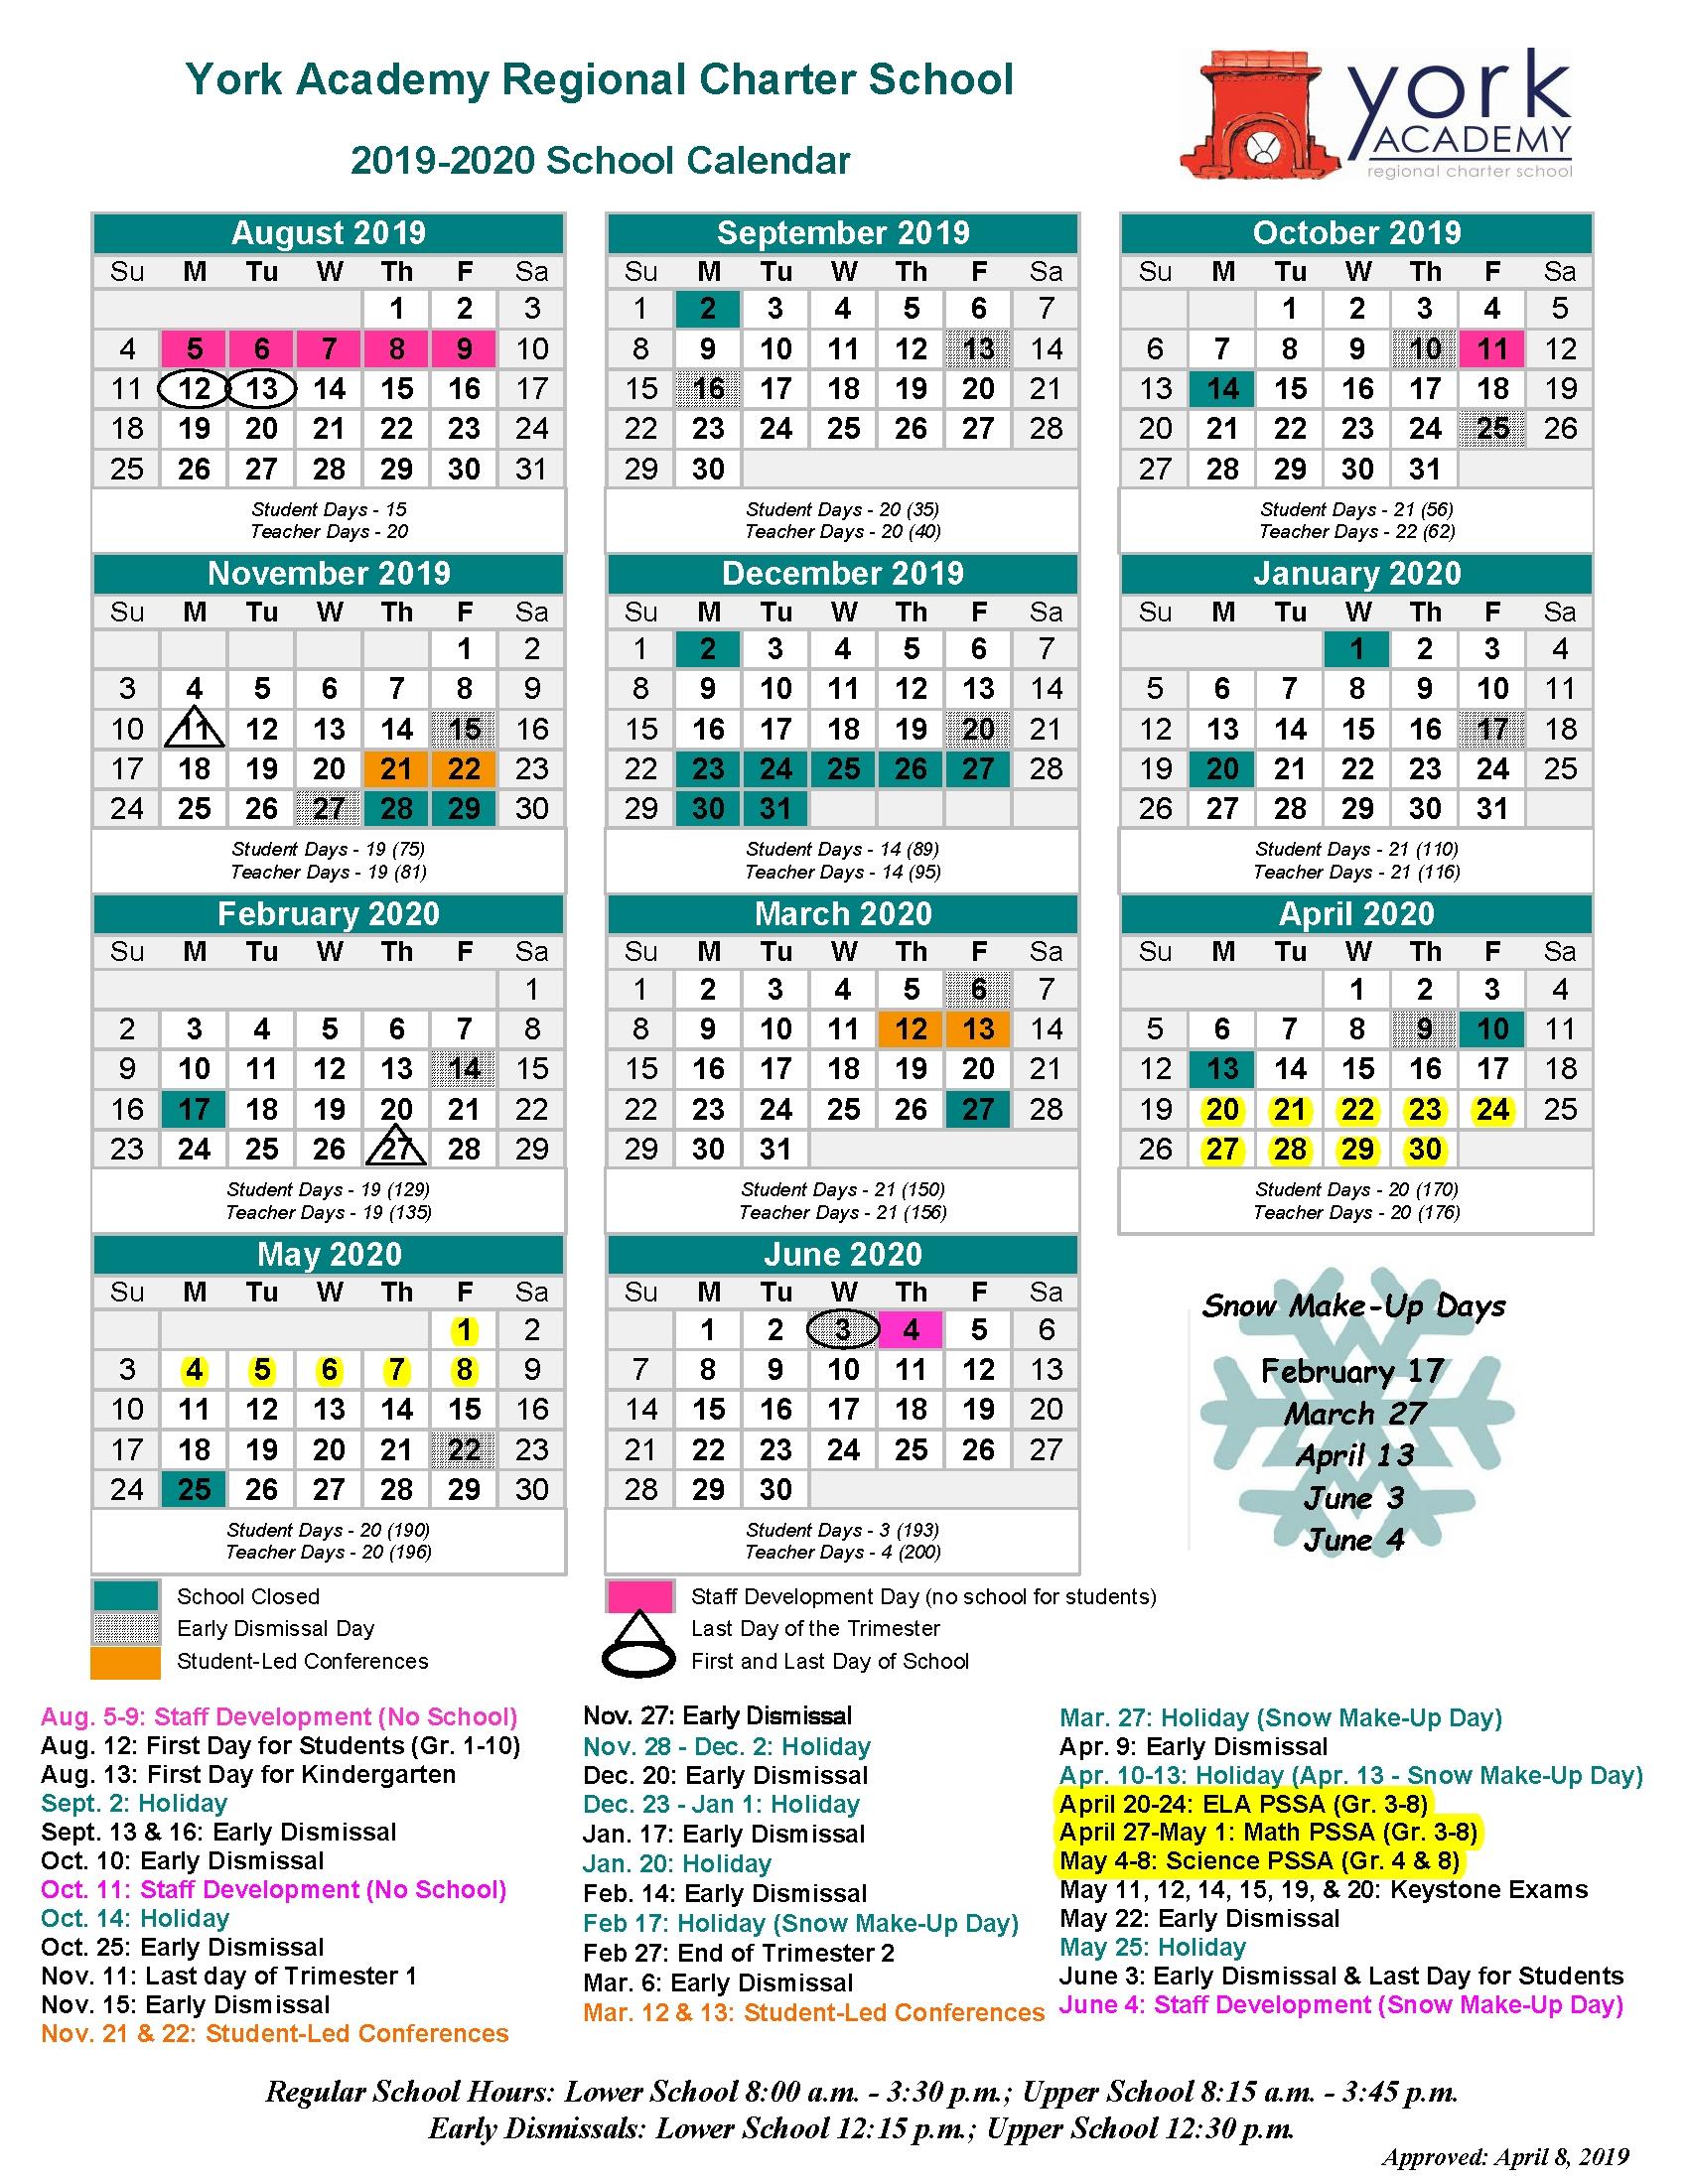 School Calendar (Pdf) - York Academy Regional Charter School